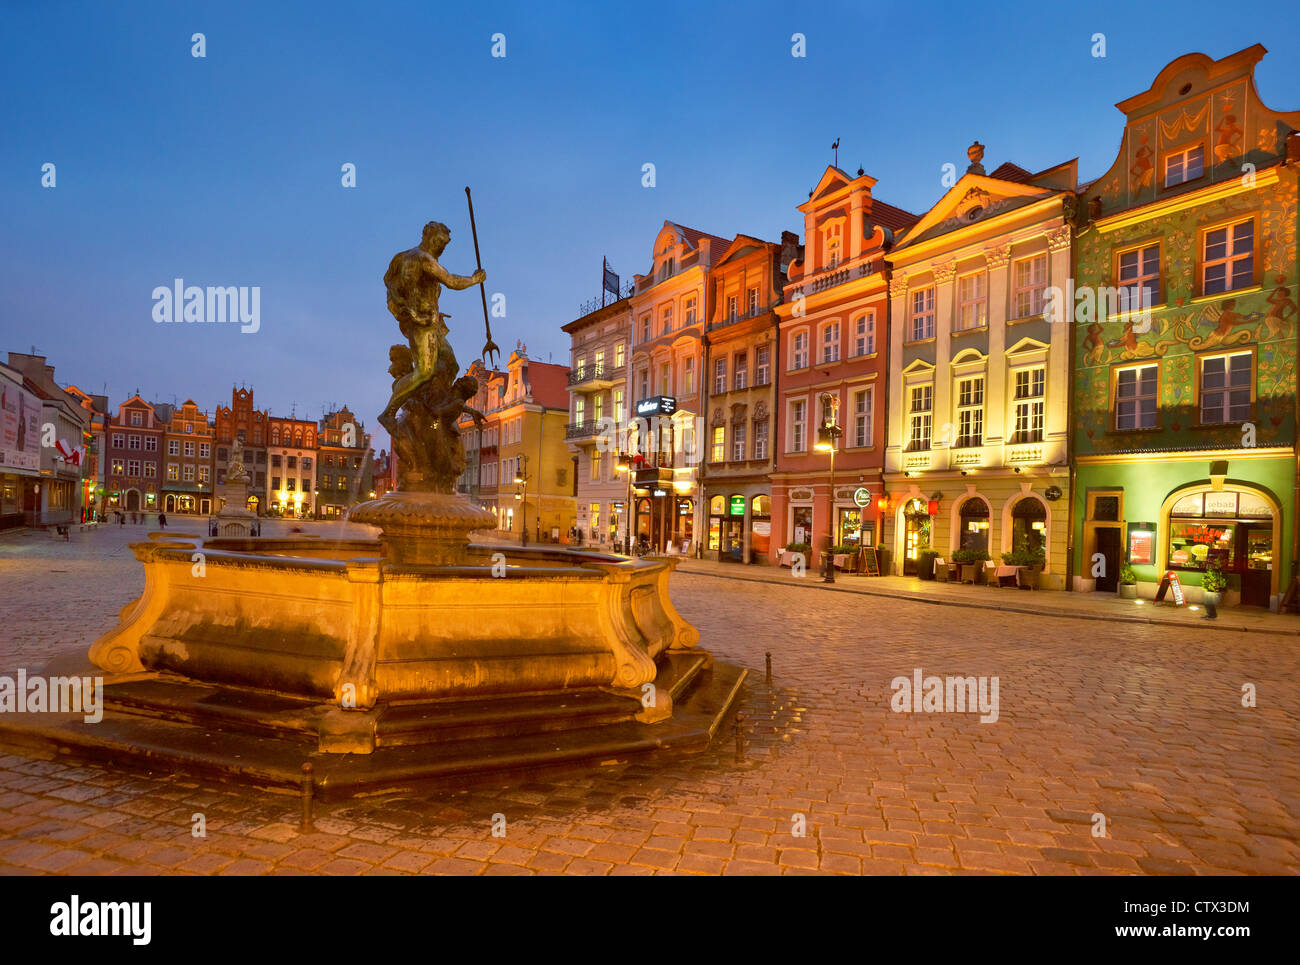 Posen, den alten Marktplatz, Polen, Europa Stockbild